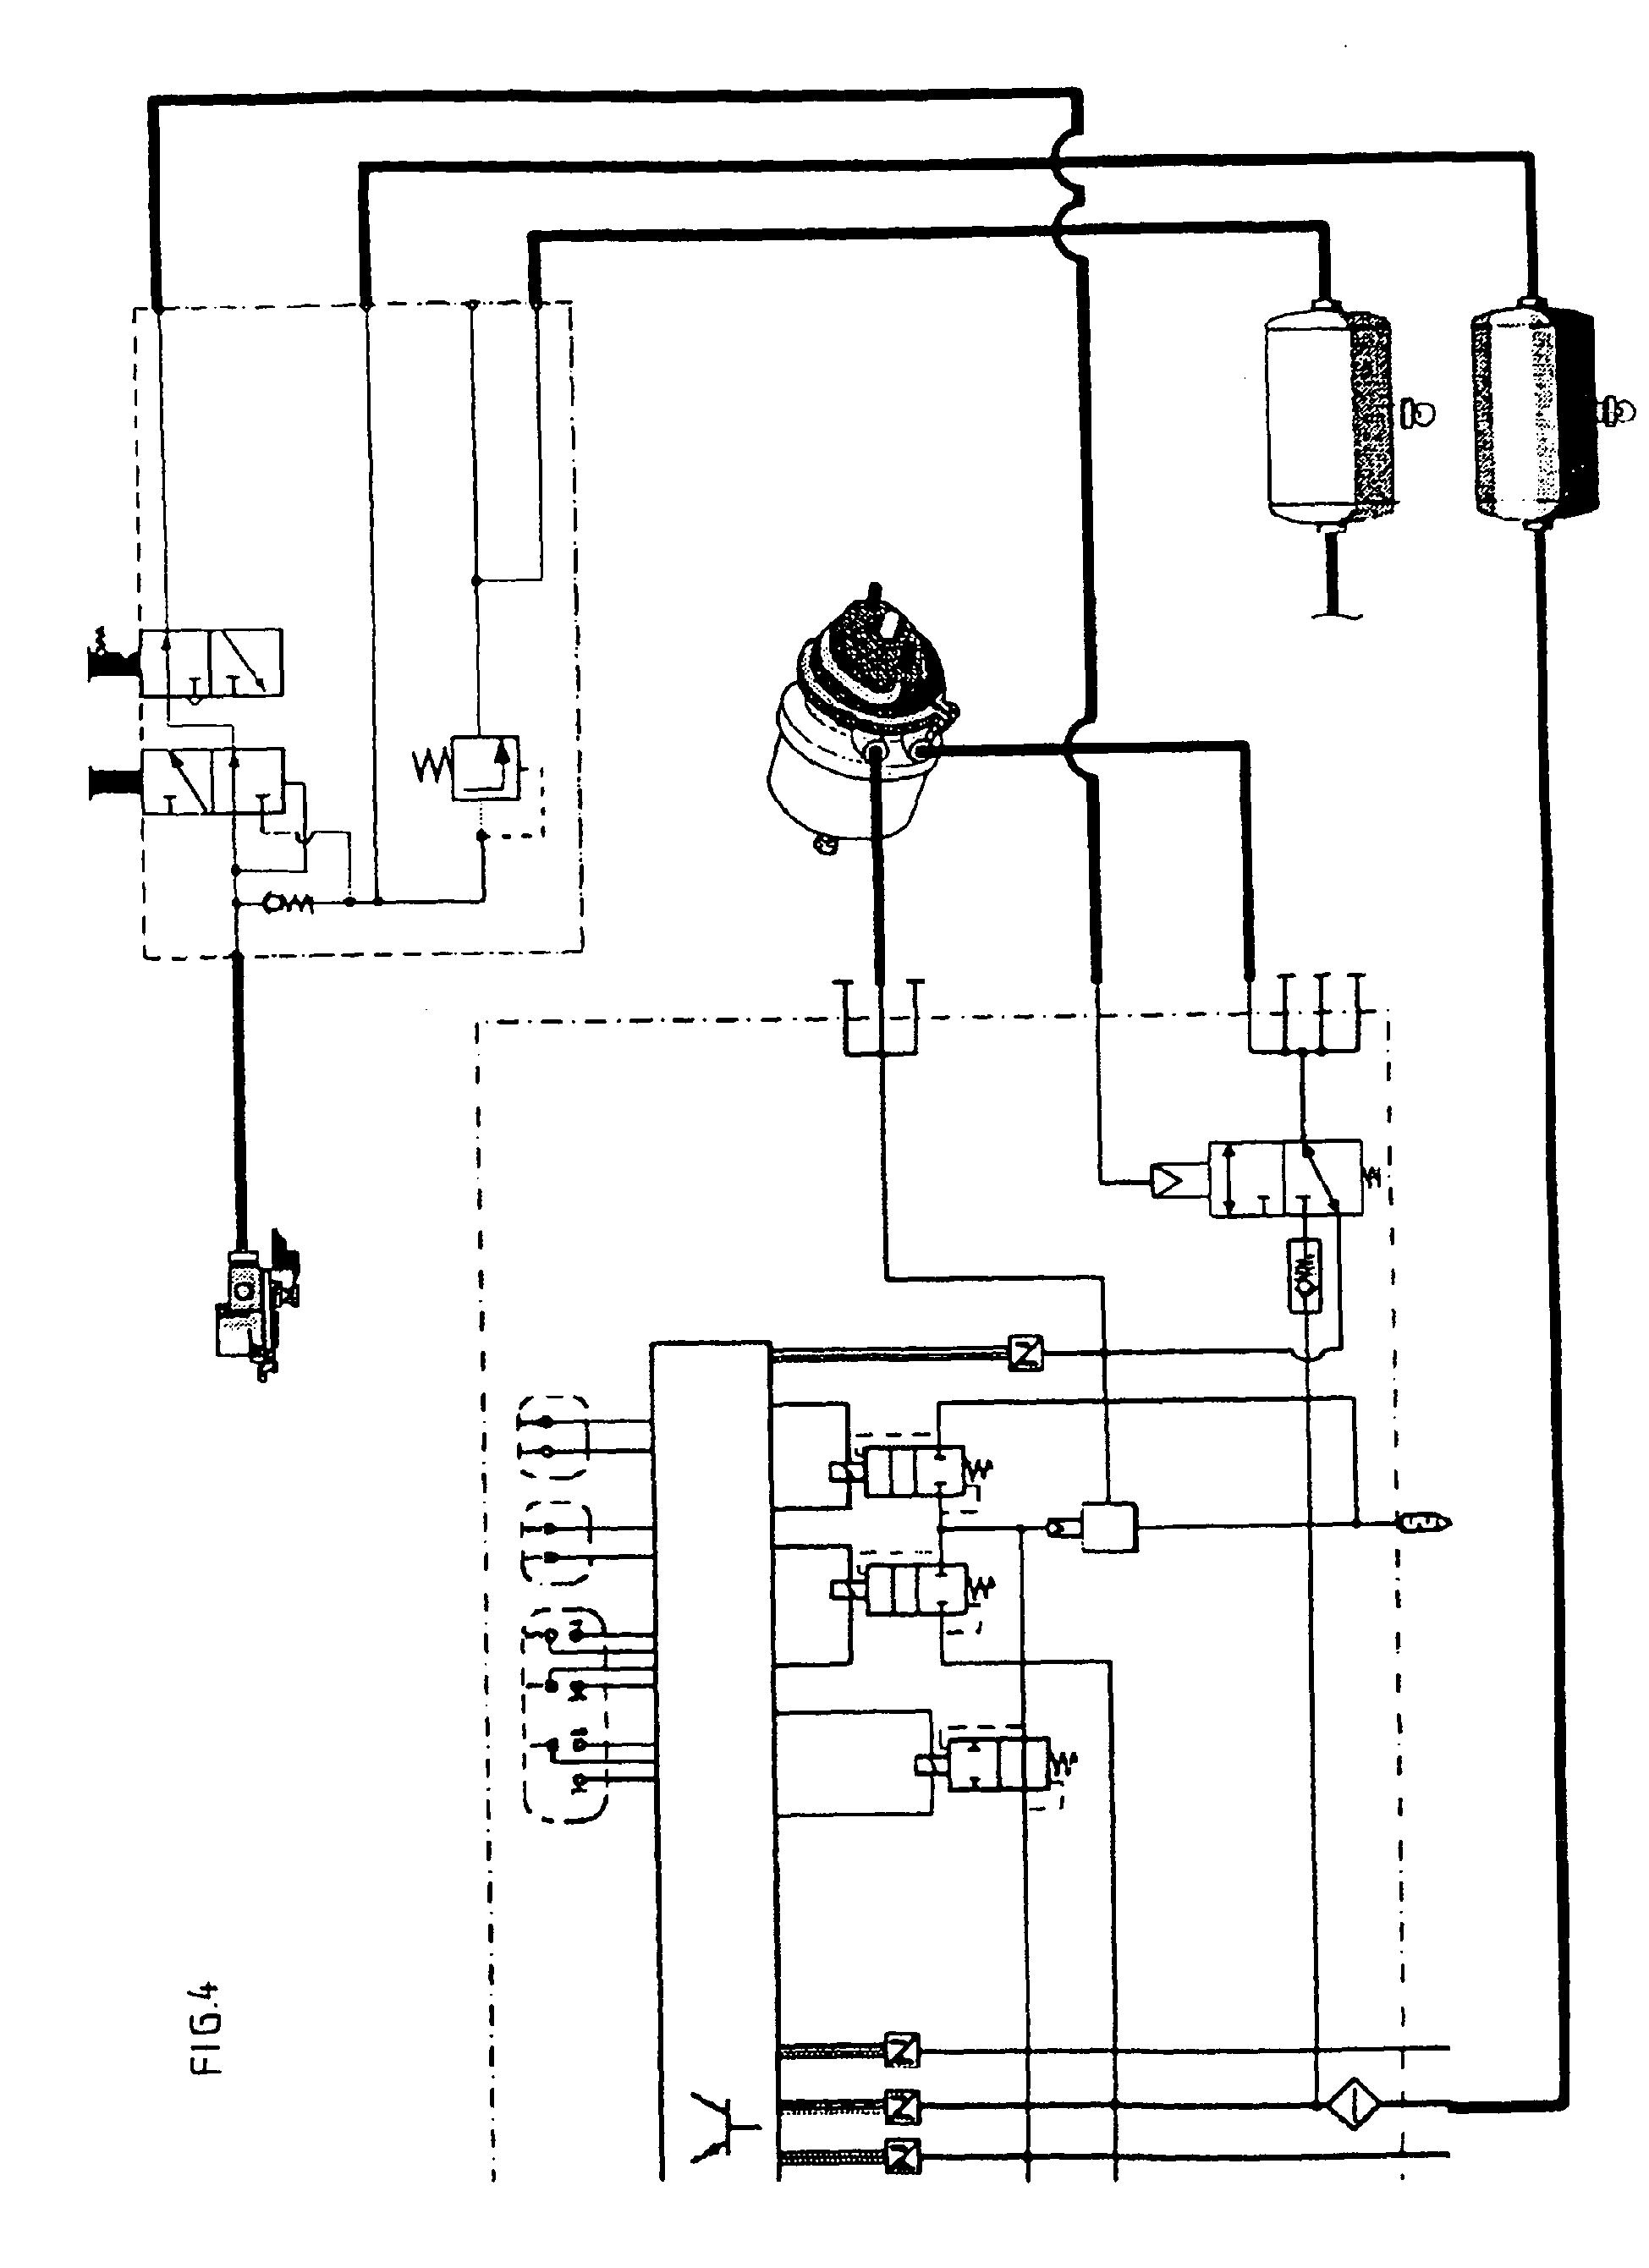 Großzügig Schaltplan Der Luftfederung Ideen - Elektrische Schaltplan ...